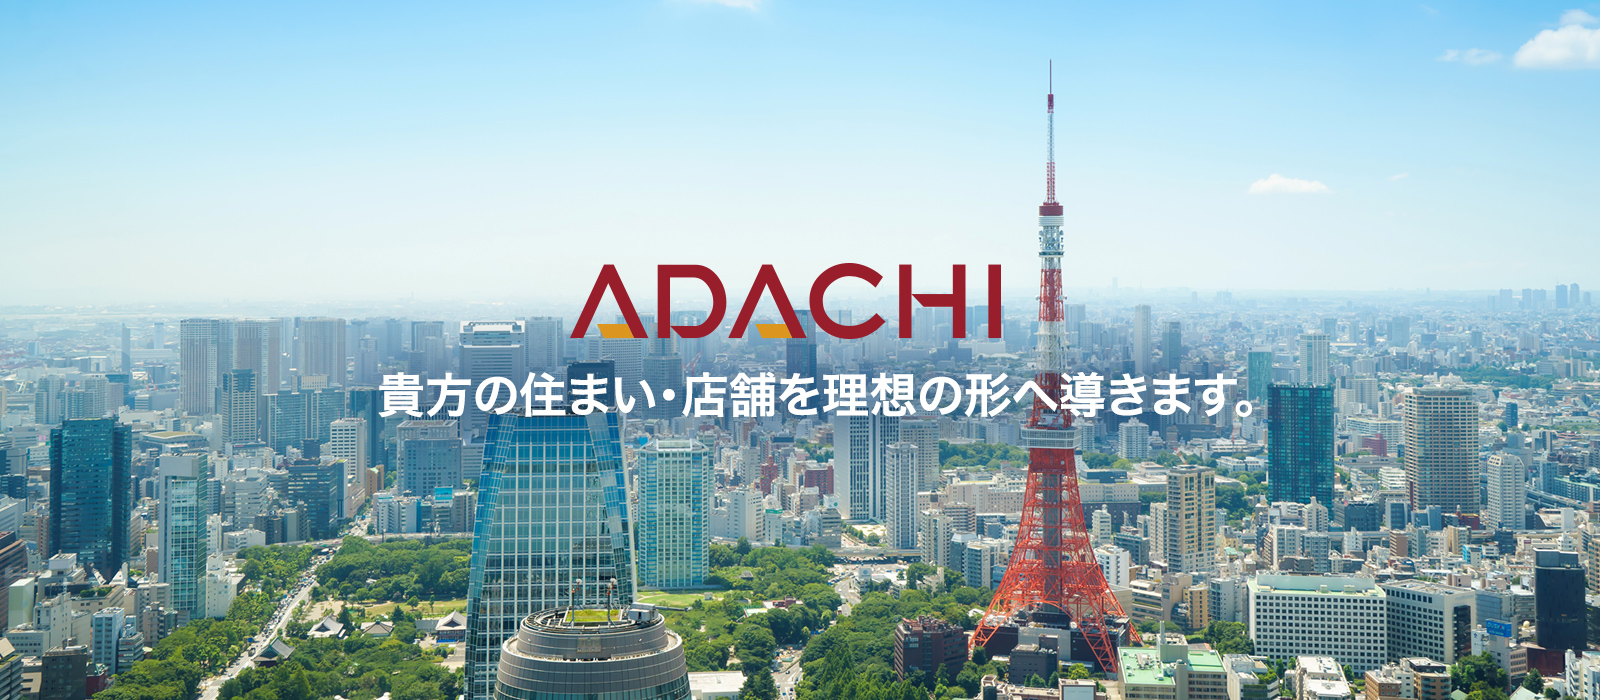 ADACHIは貴方の住まい・店舗を理想の形へ導きます。